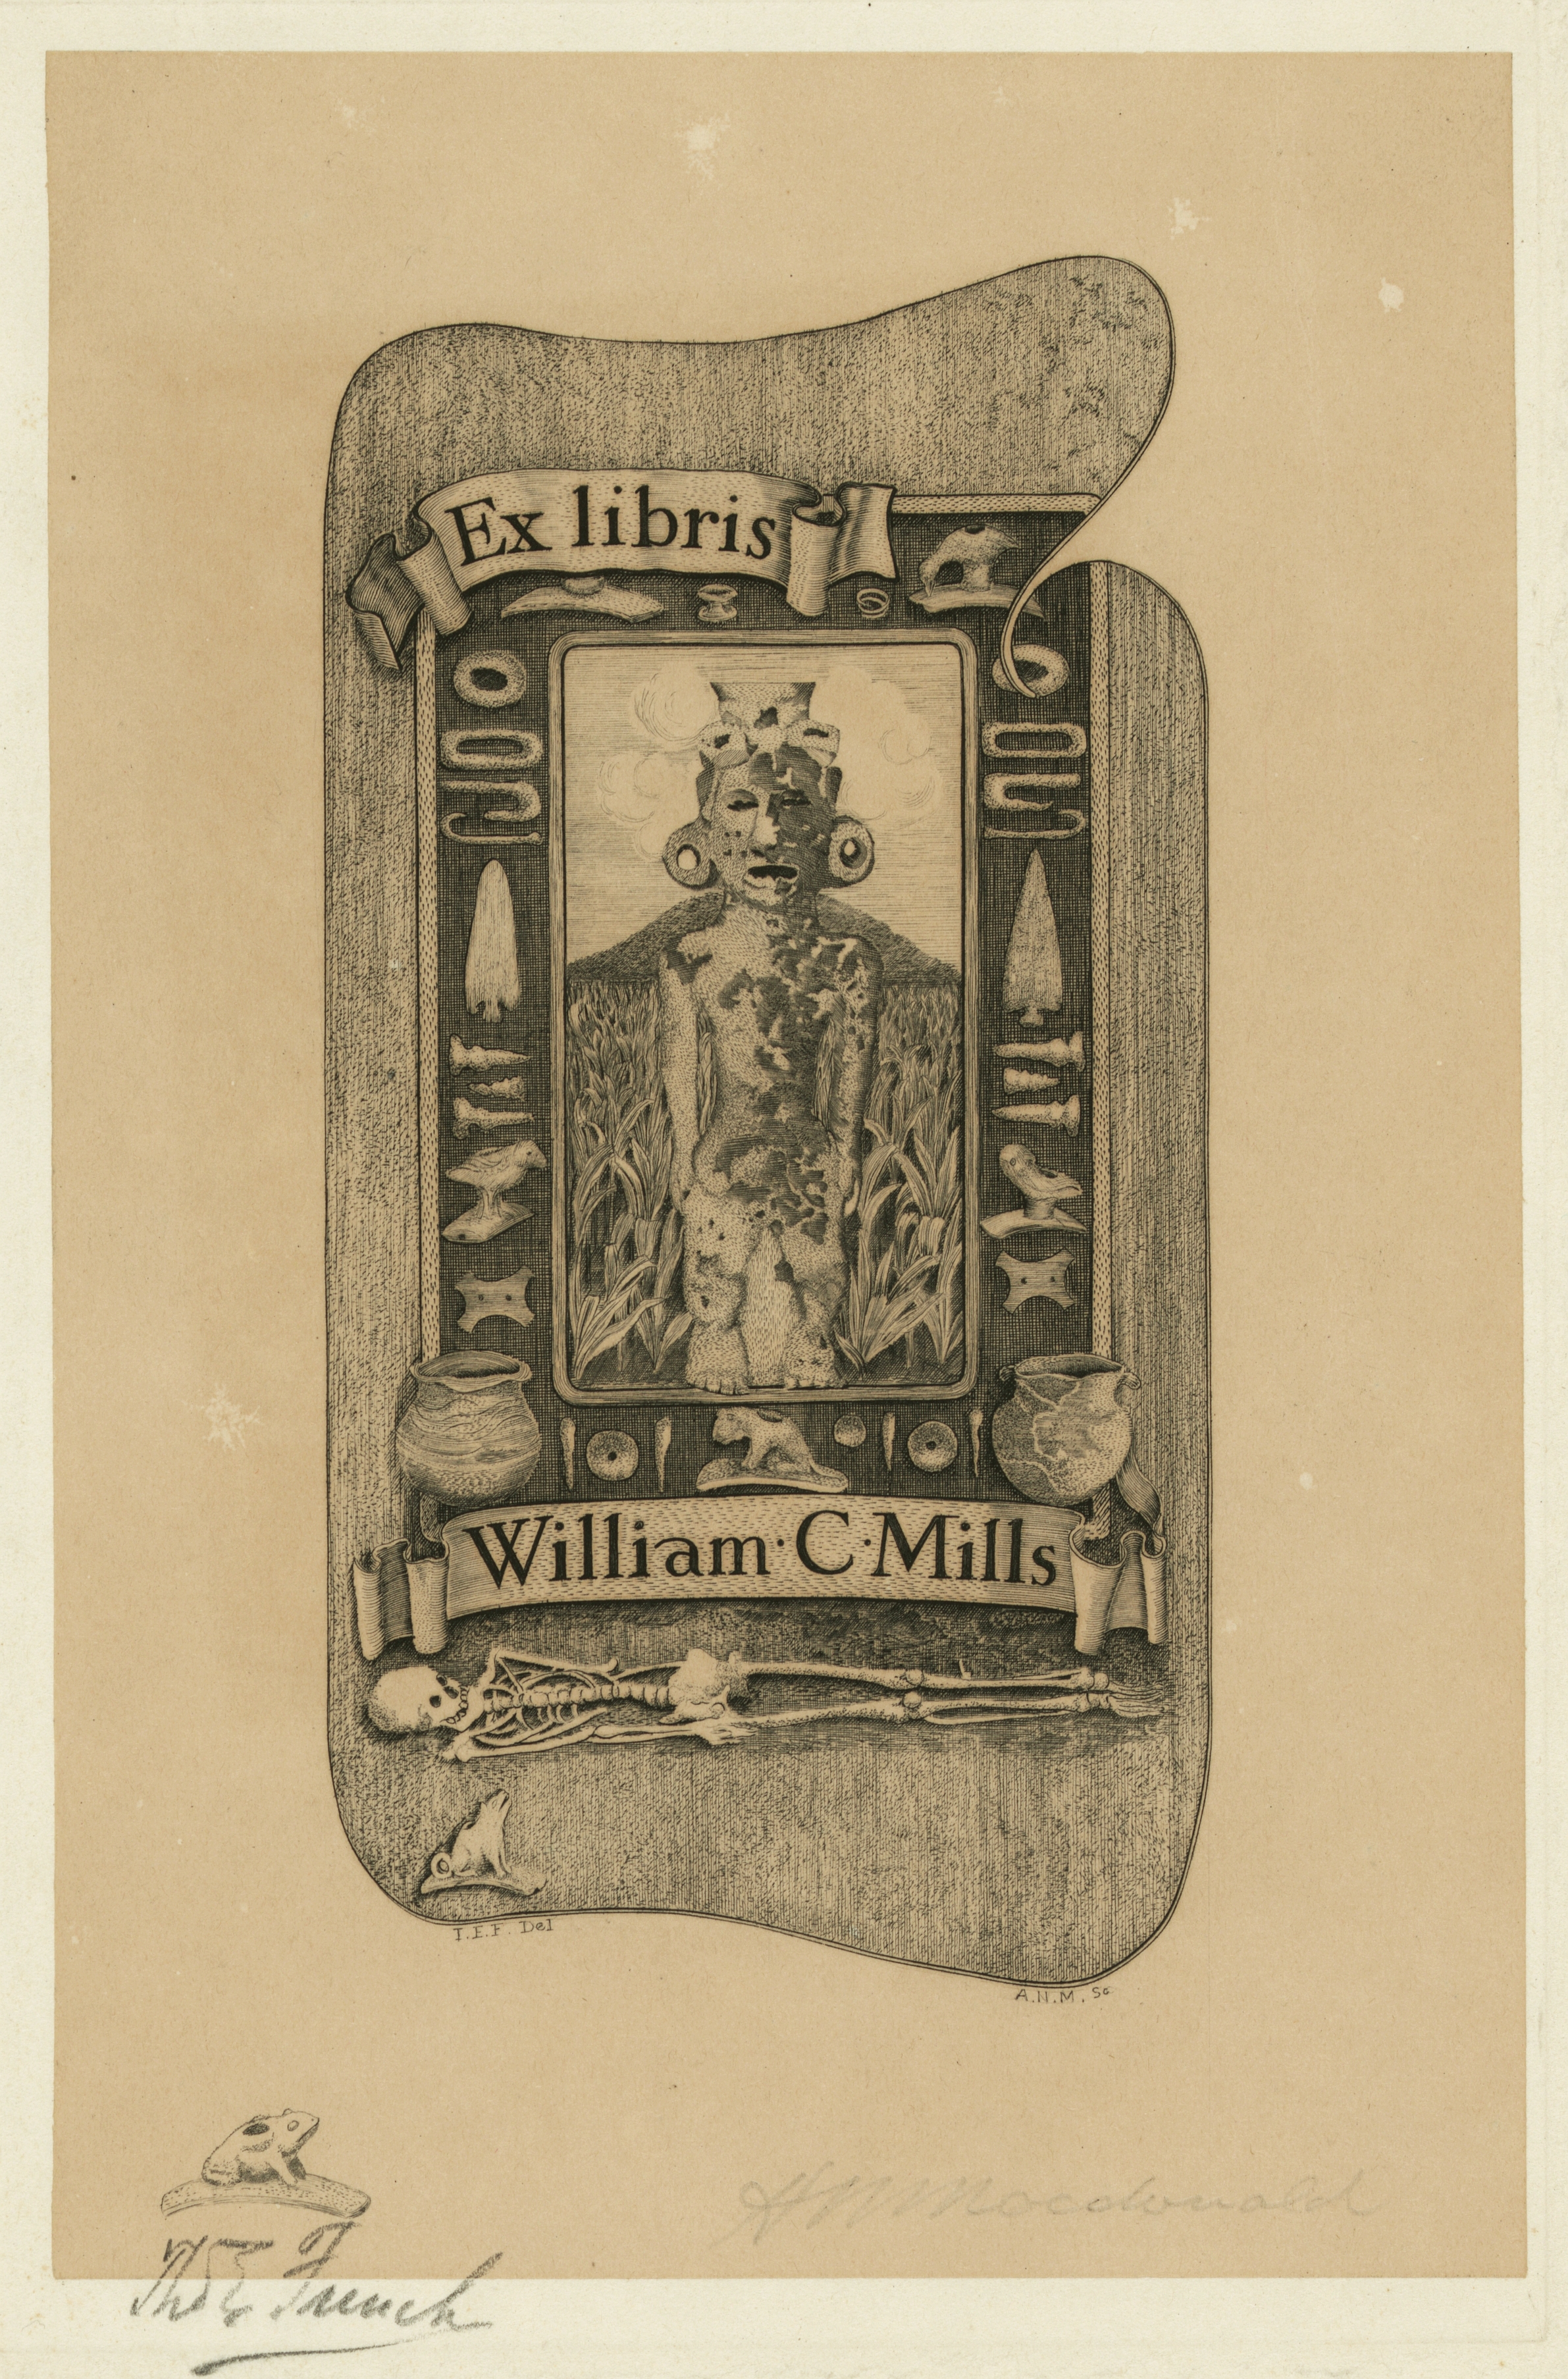 William Corless Mills